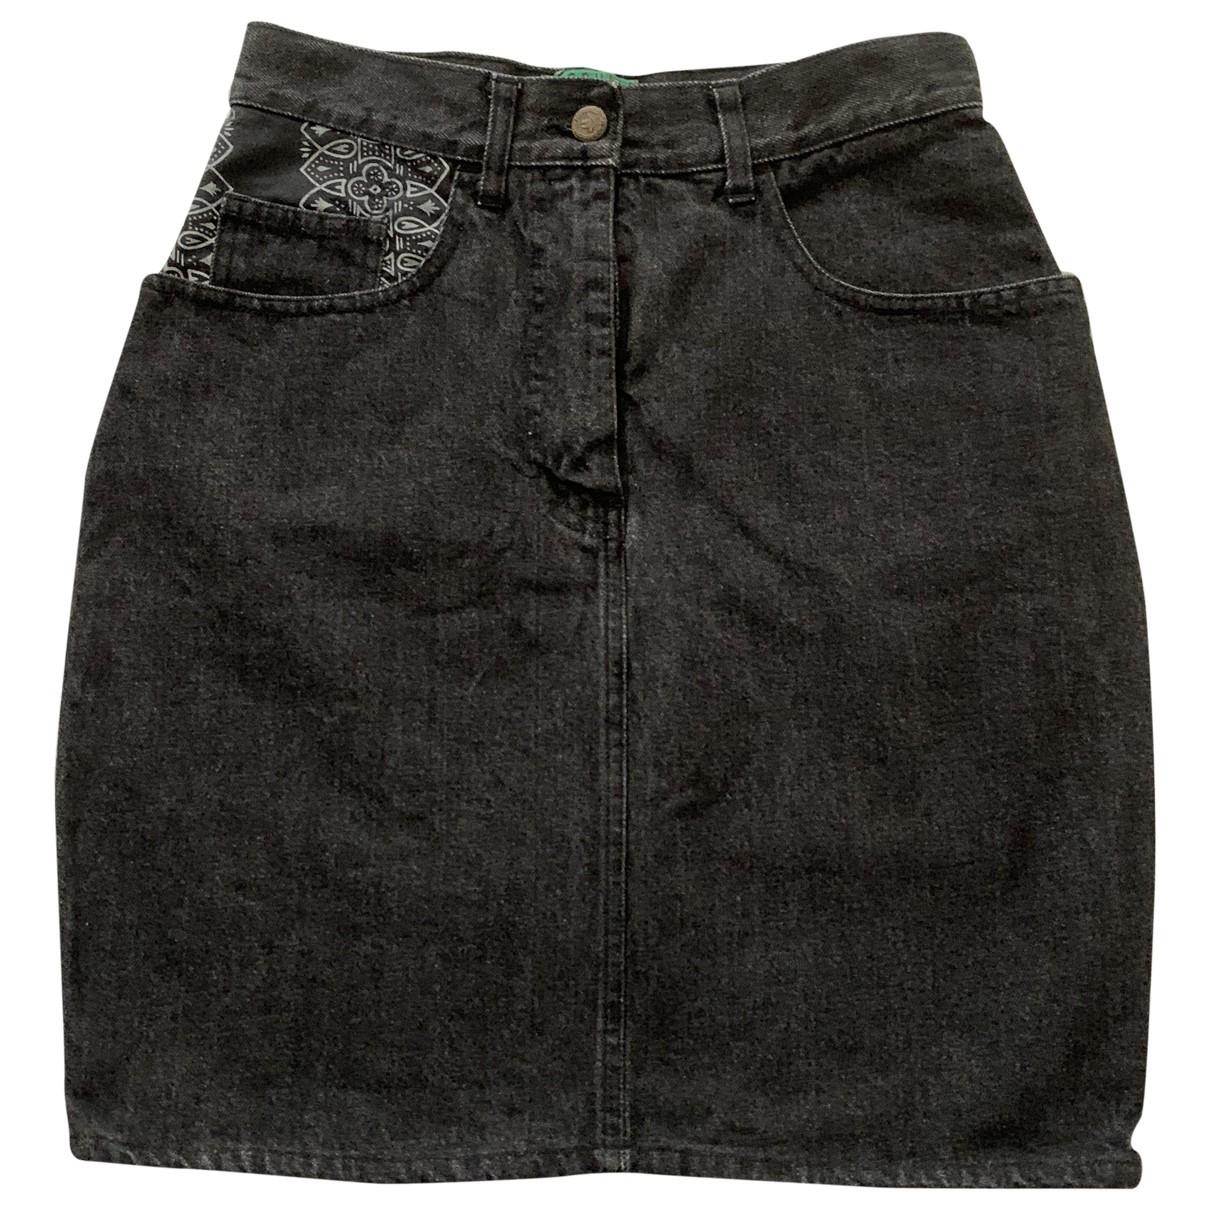 Moschino \N Black Denim - Jeans skirt for Women 44 IT